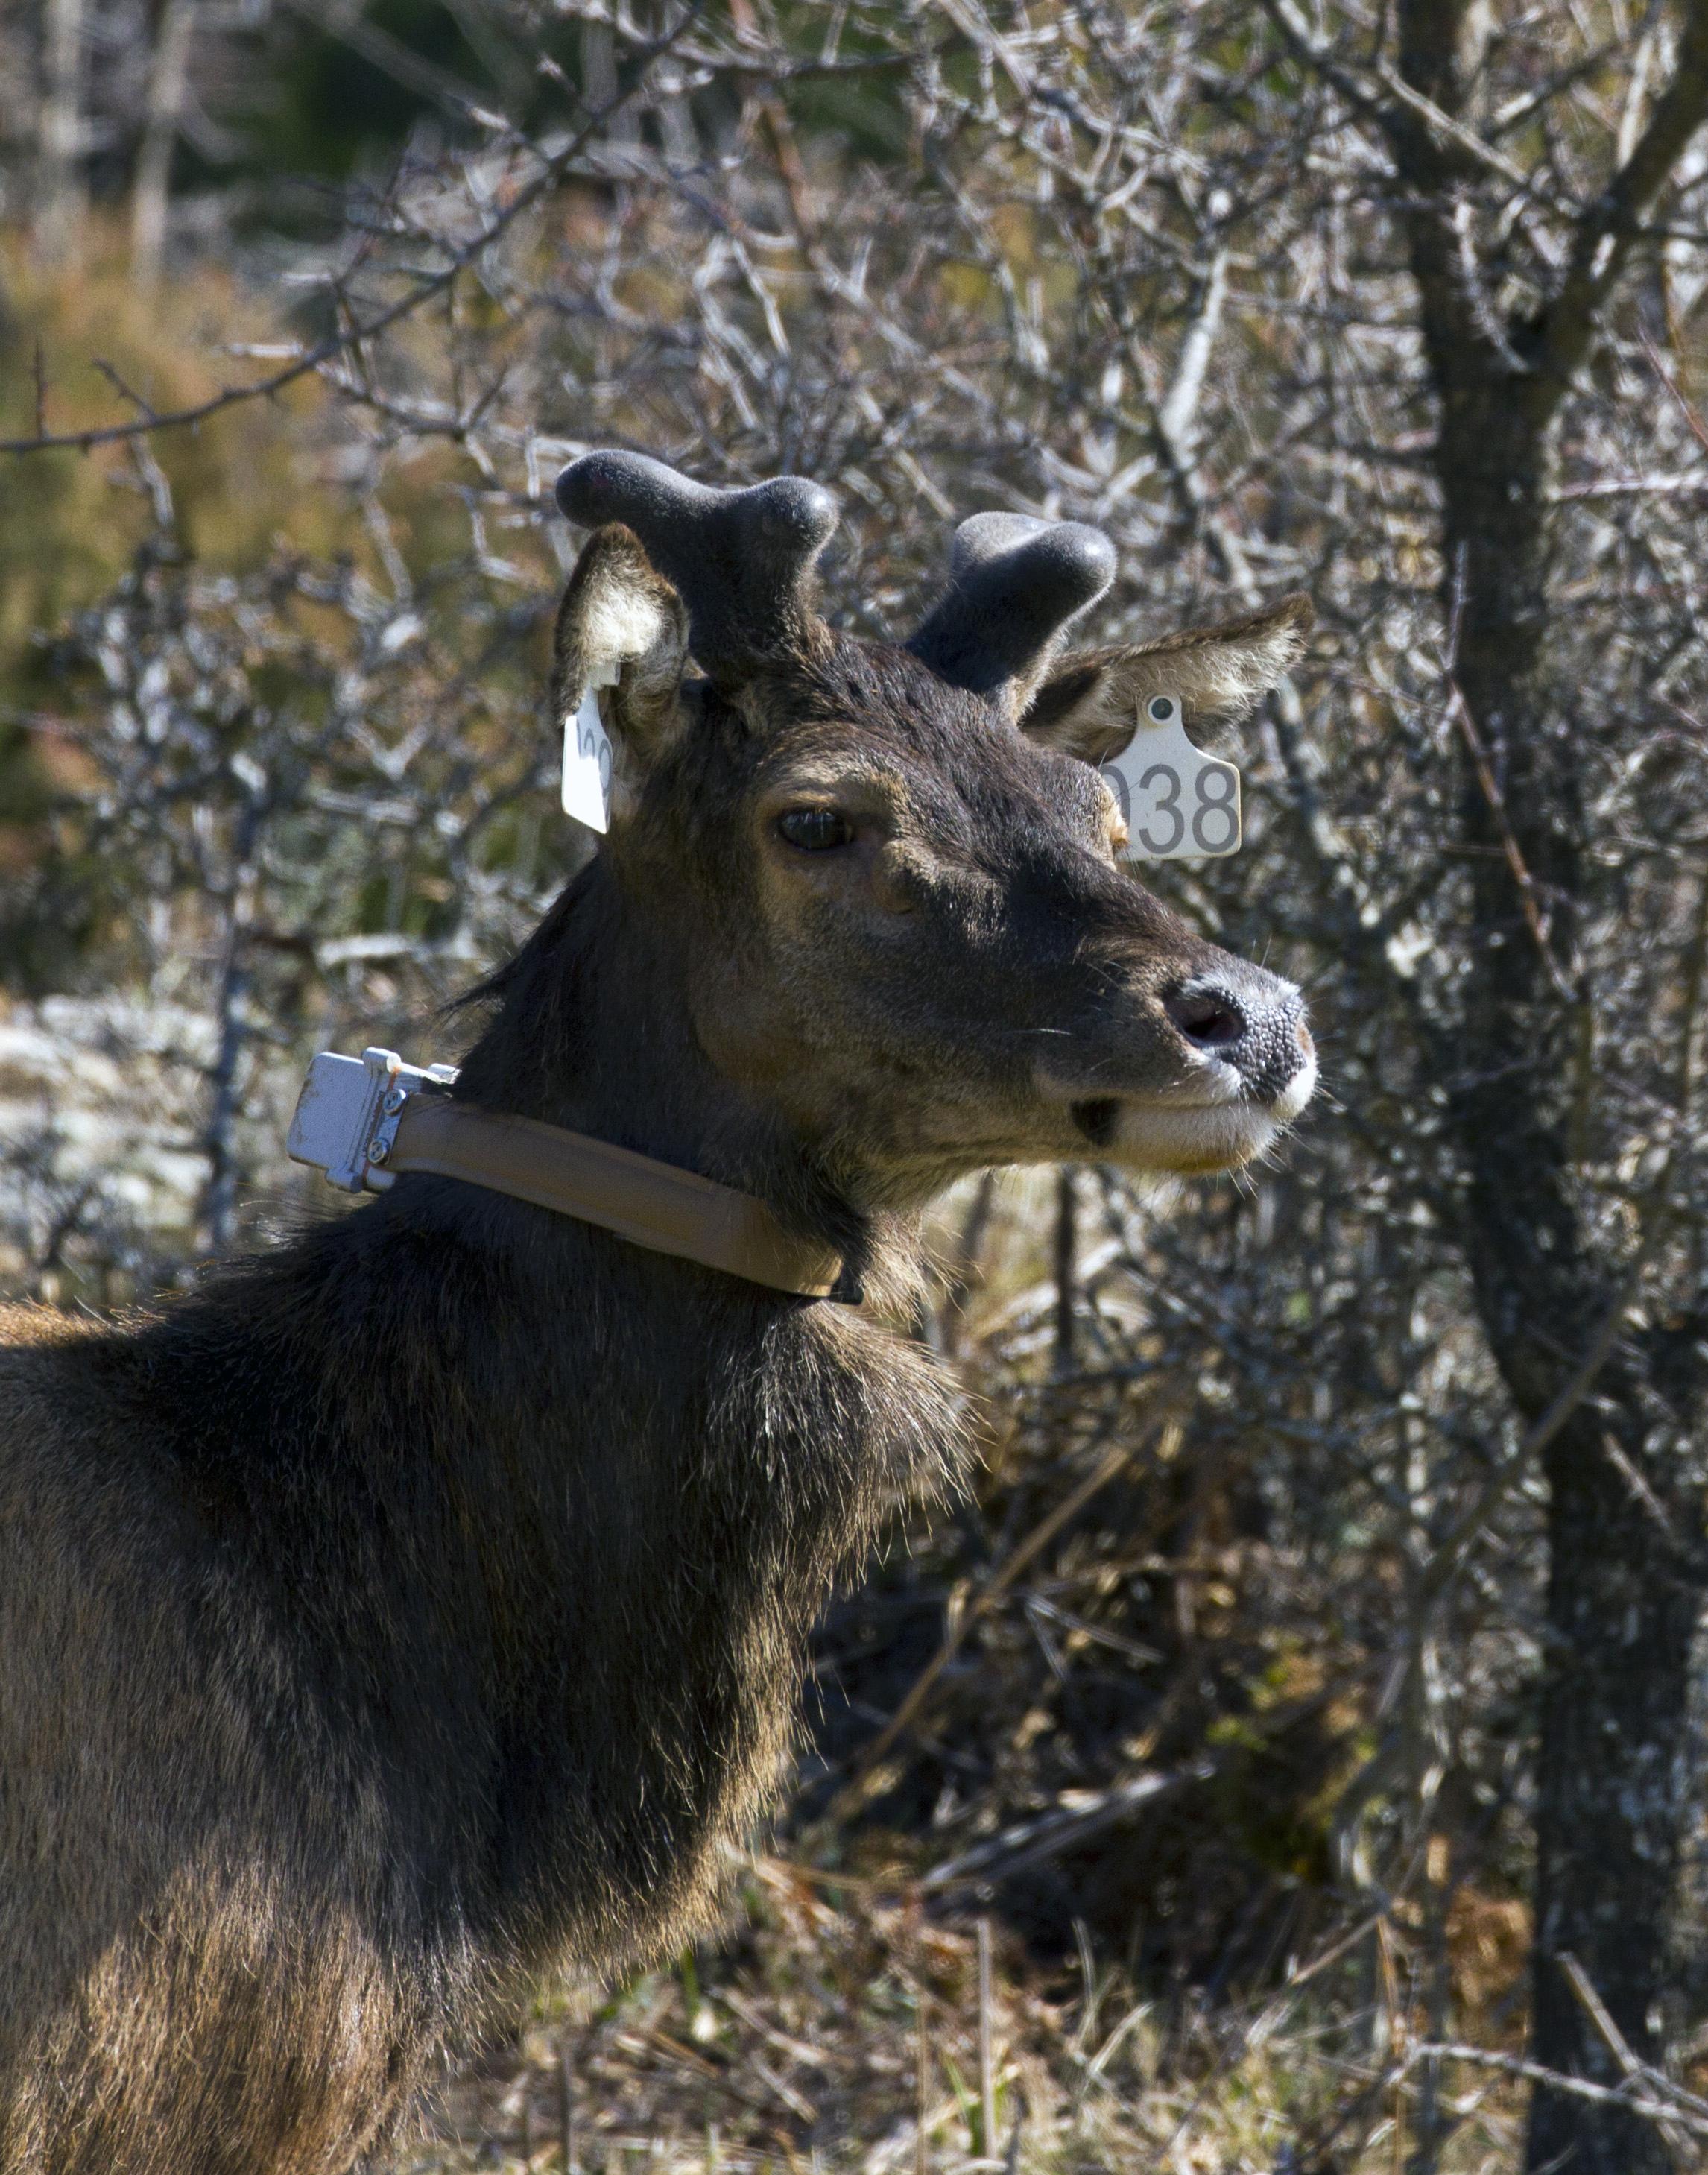 Secondo trasporto e rilascio in Corsica di cervi originari della Sardegna 15 marzo 2016